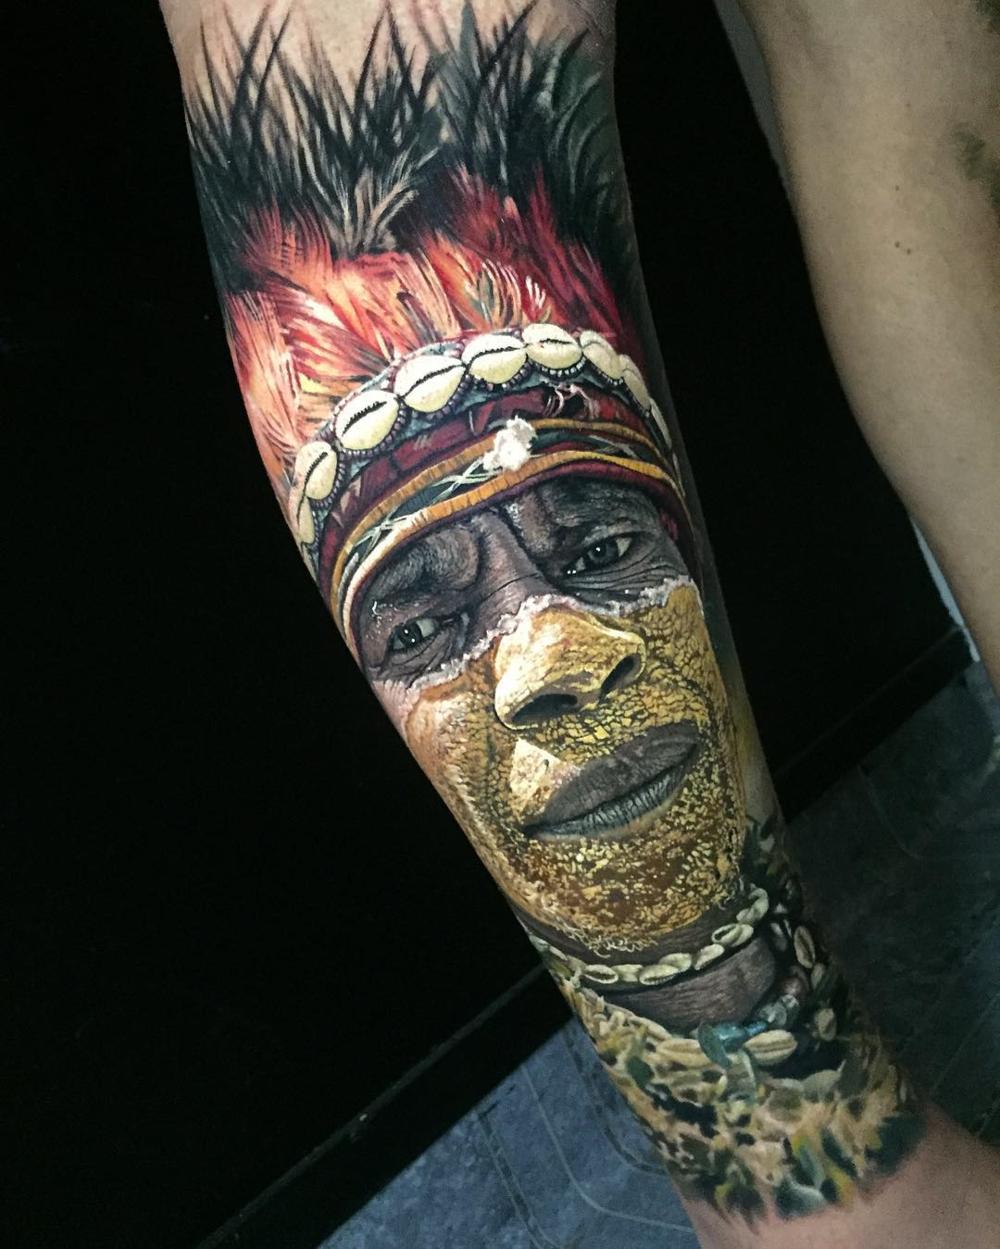 Tattoo Ideas Realism: Steve Butcher